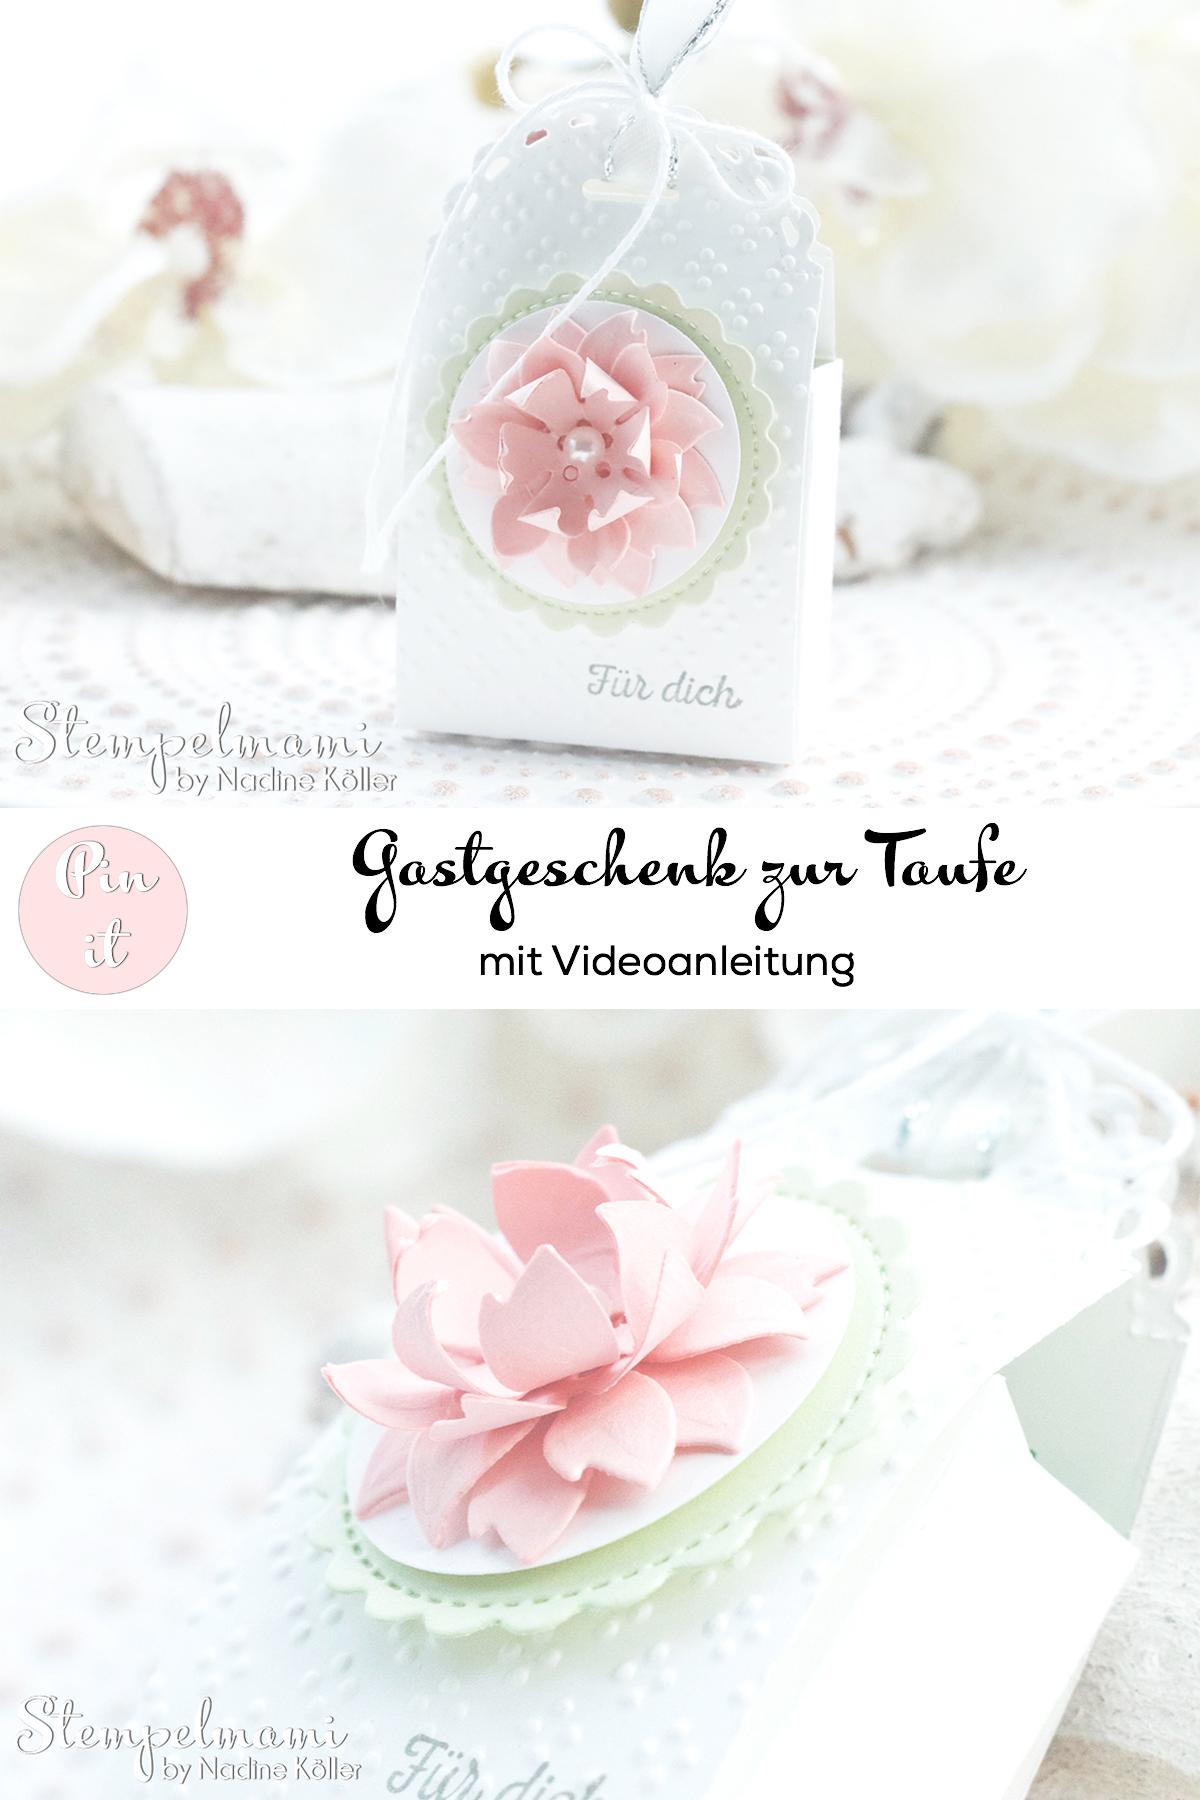 Stampin Up Mini Geschenkschachtel als Gastgeschenk zur Taufe mit 3d Blume Goodie Anleitung Stempelmami Youtube 8